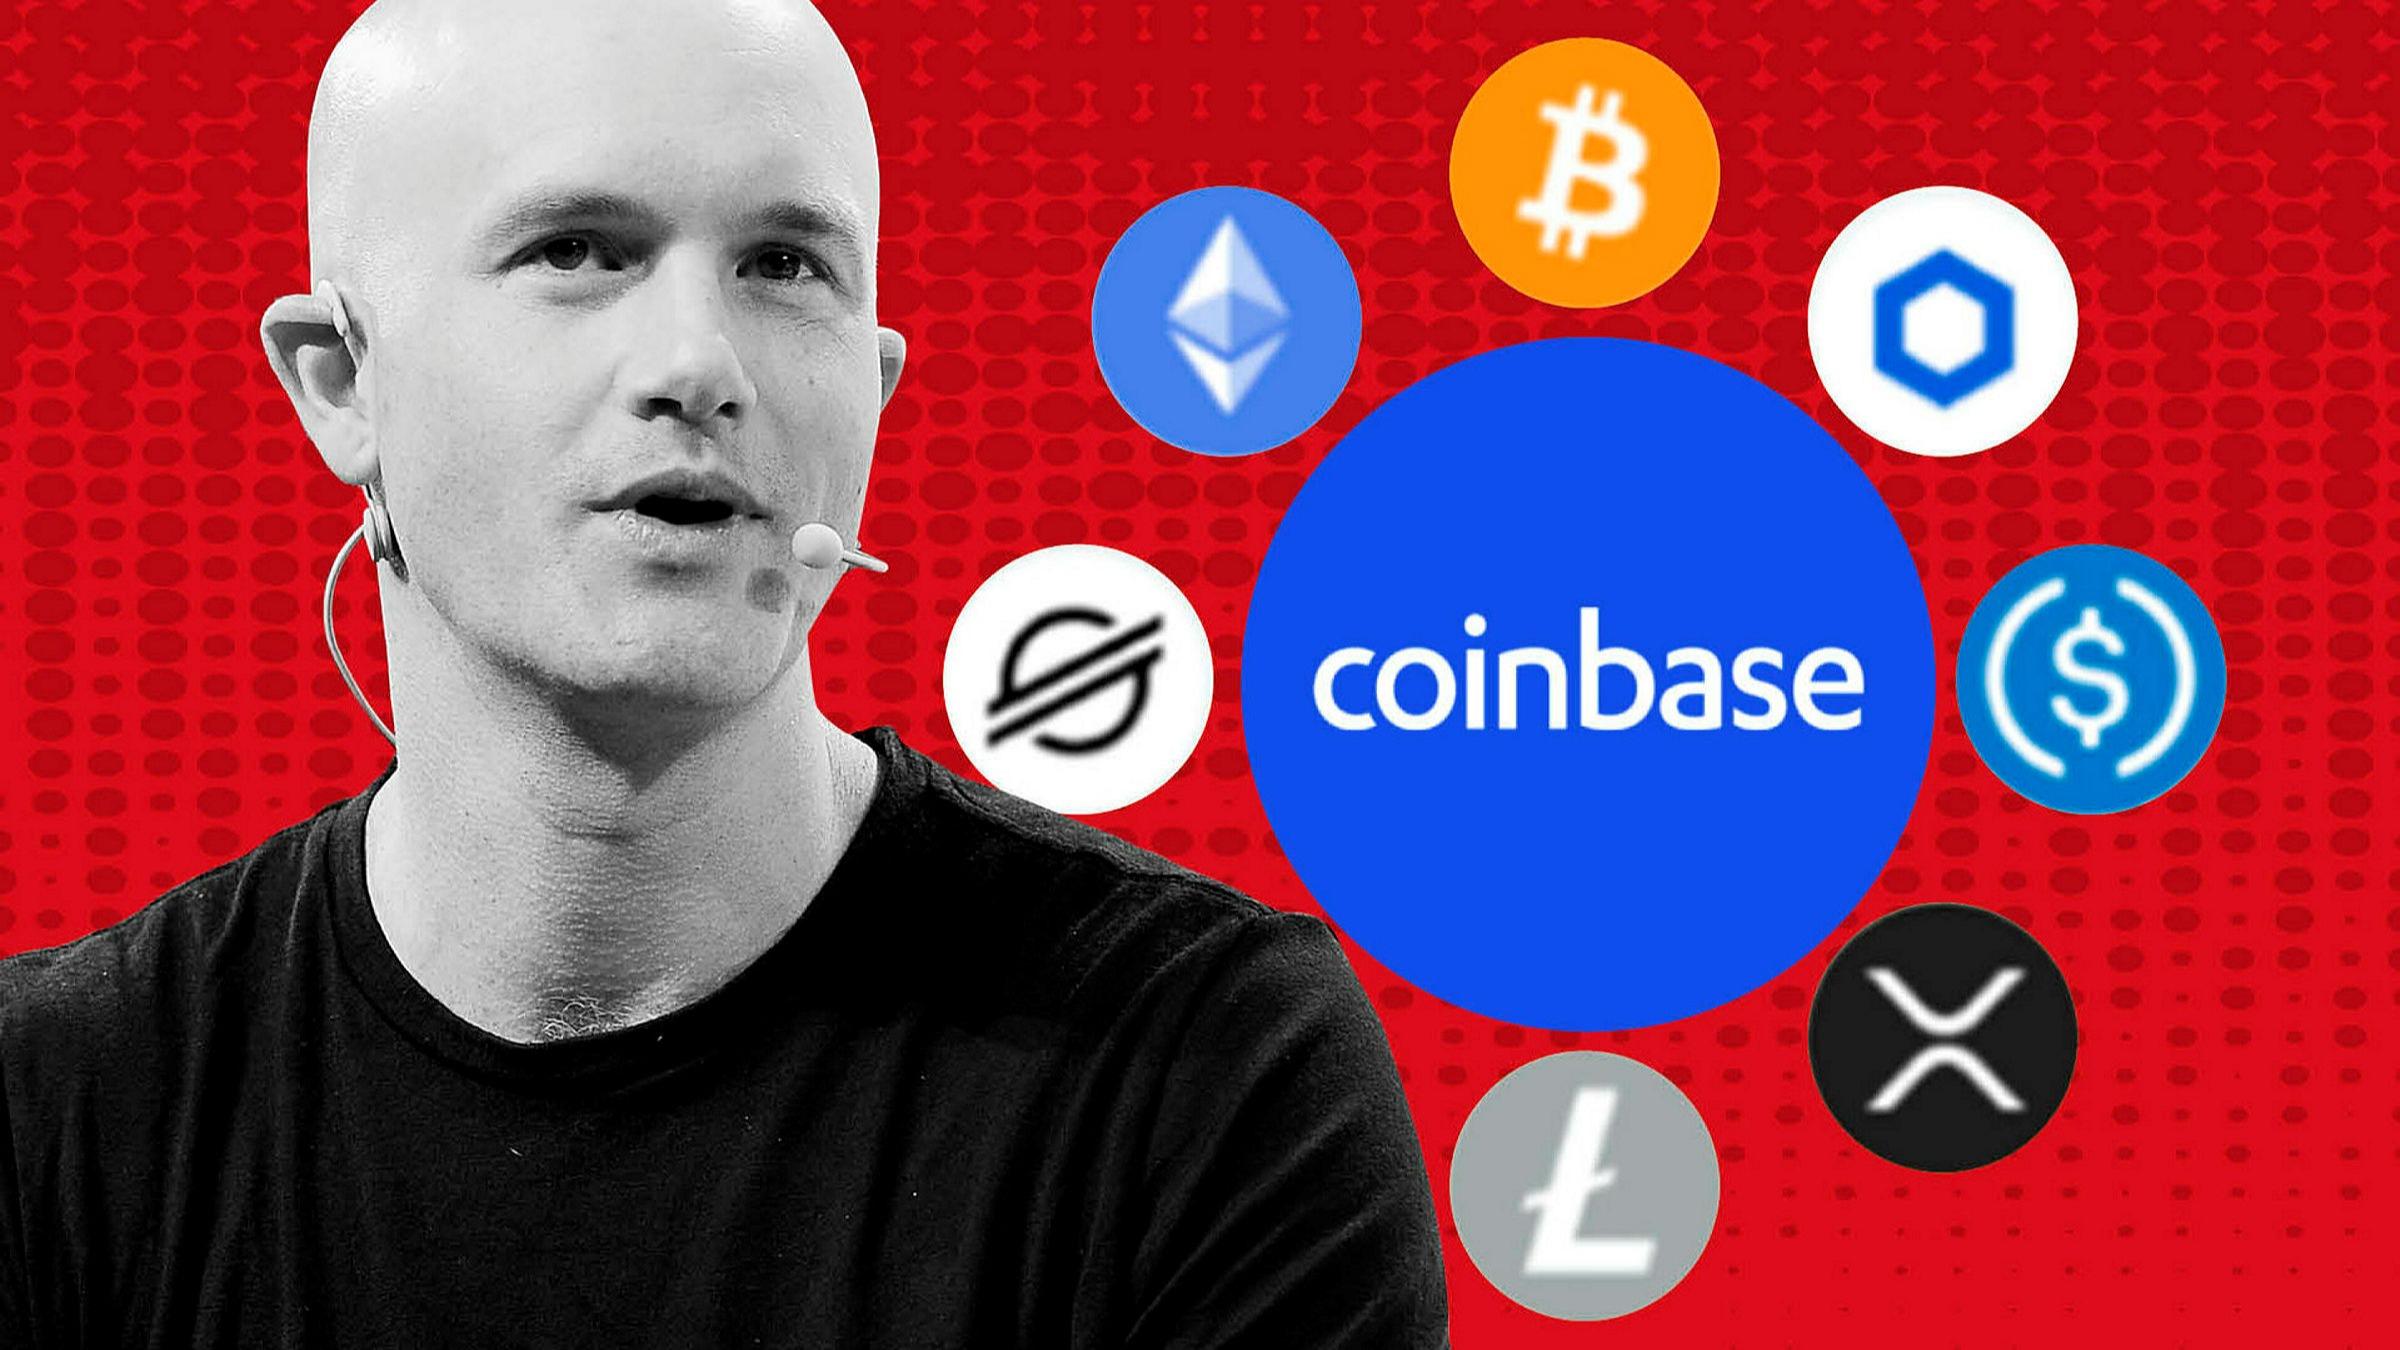 coinbase siunčia bitcoin)